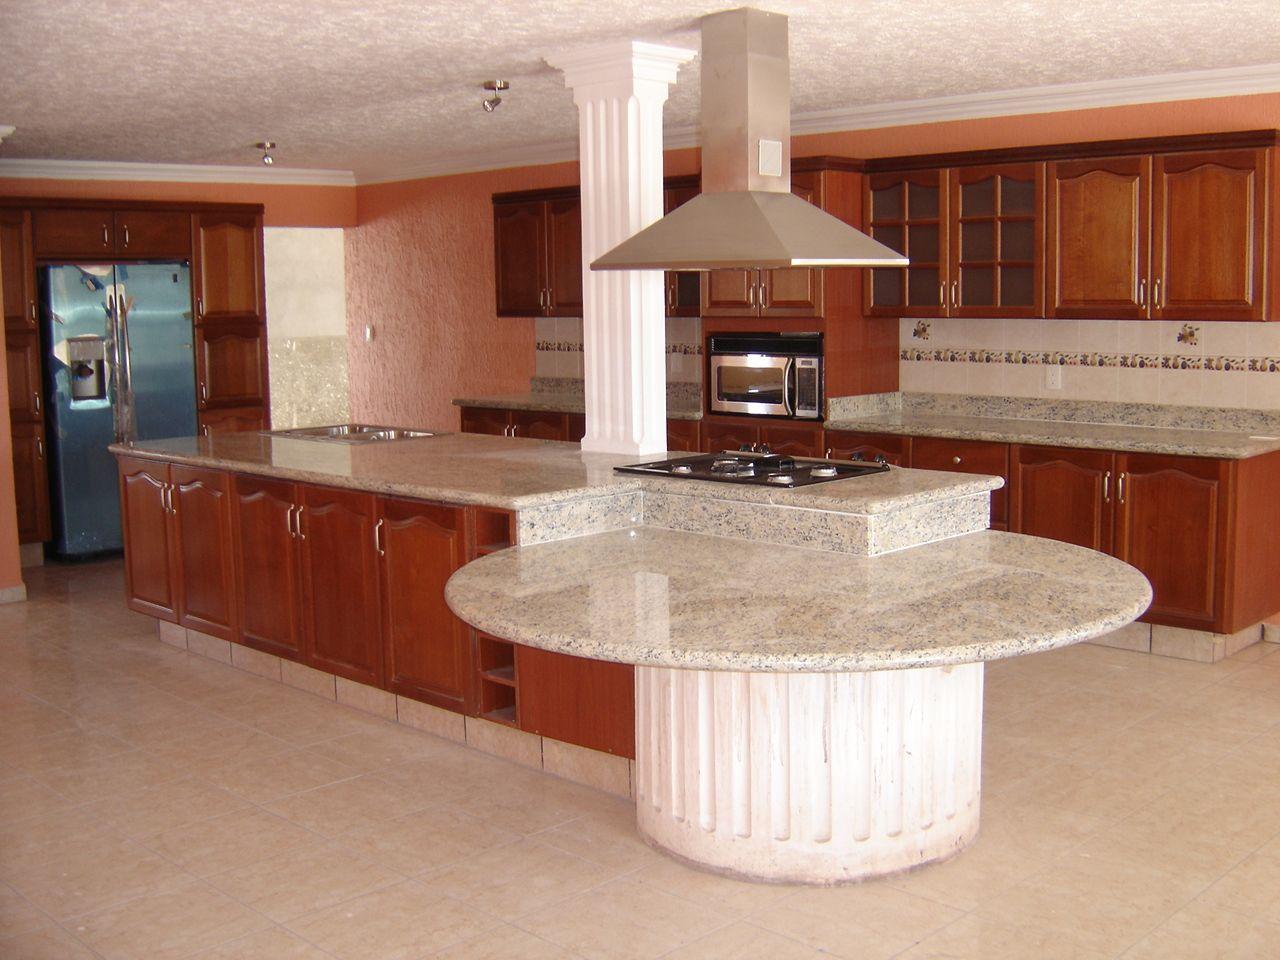 Cocina en granito blanco kashmir cocinas pinterest - Muebles de cocina modernos fotos ...